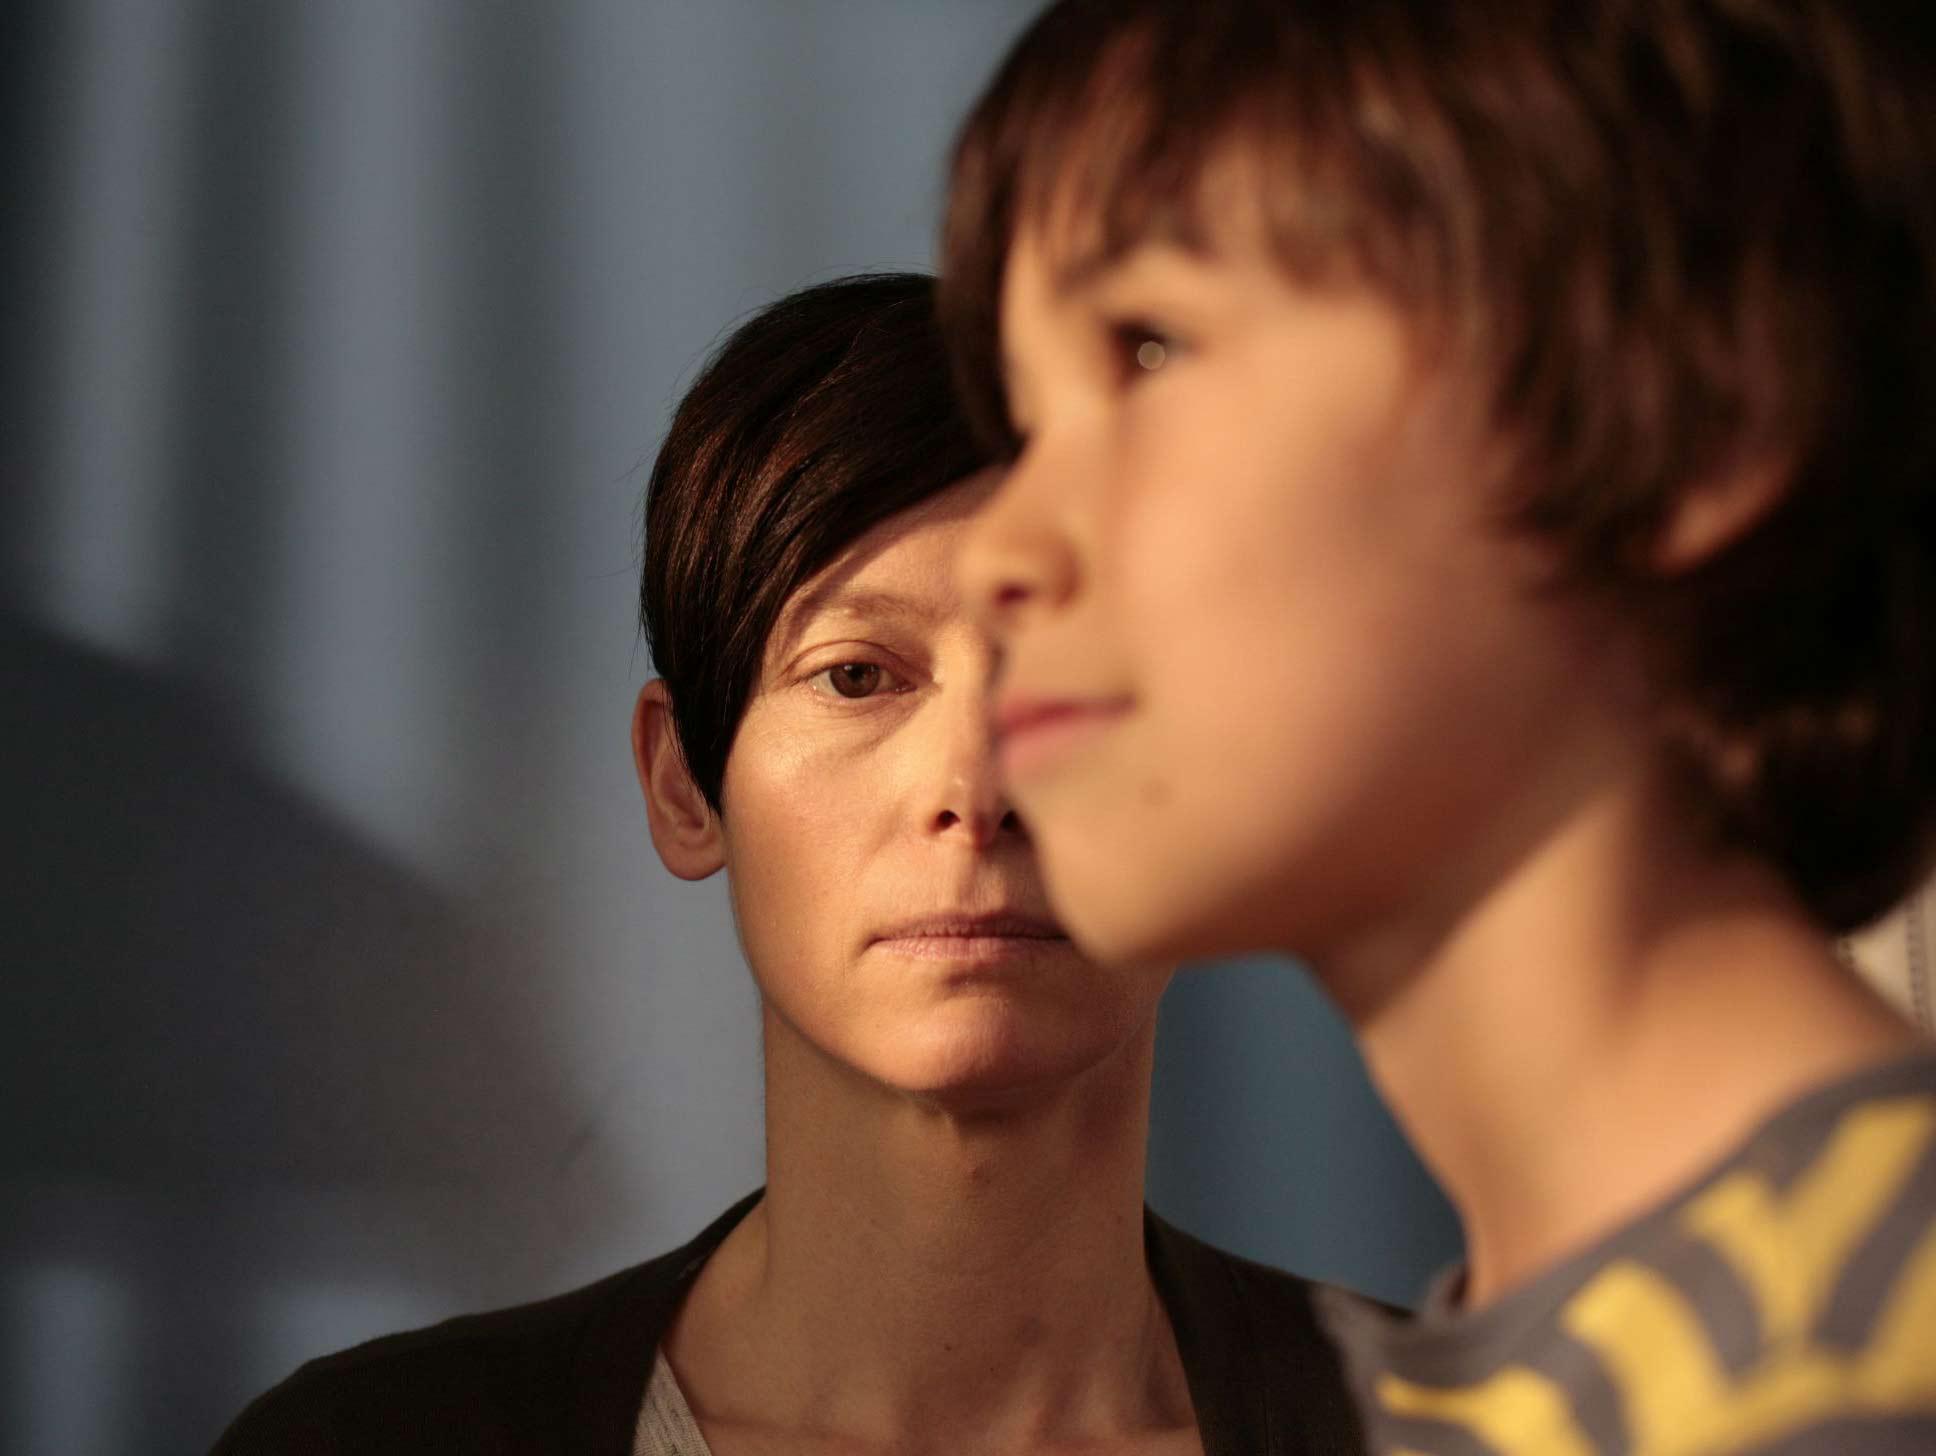 El filme que alerta a los padres del peligro de un niño sin límites